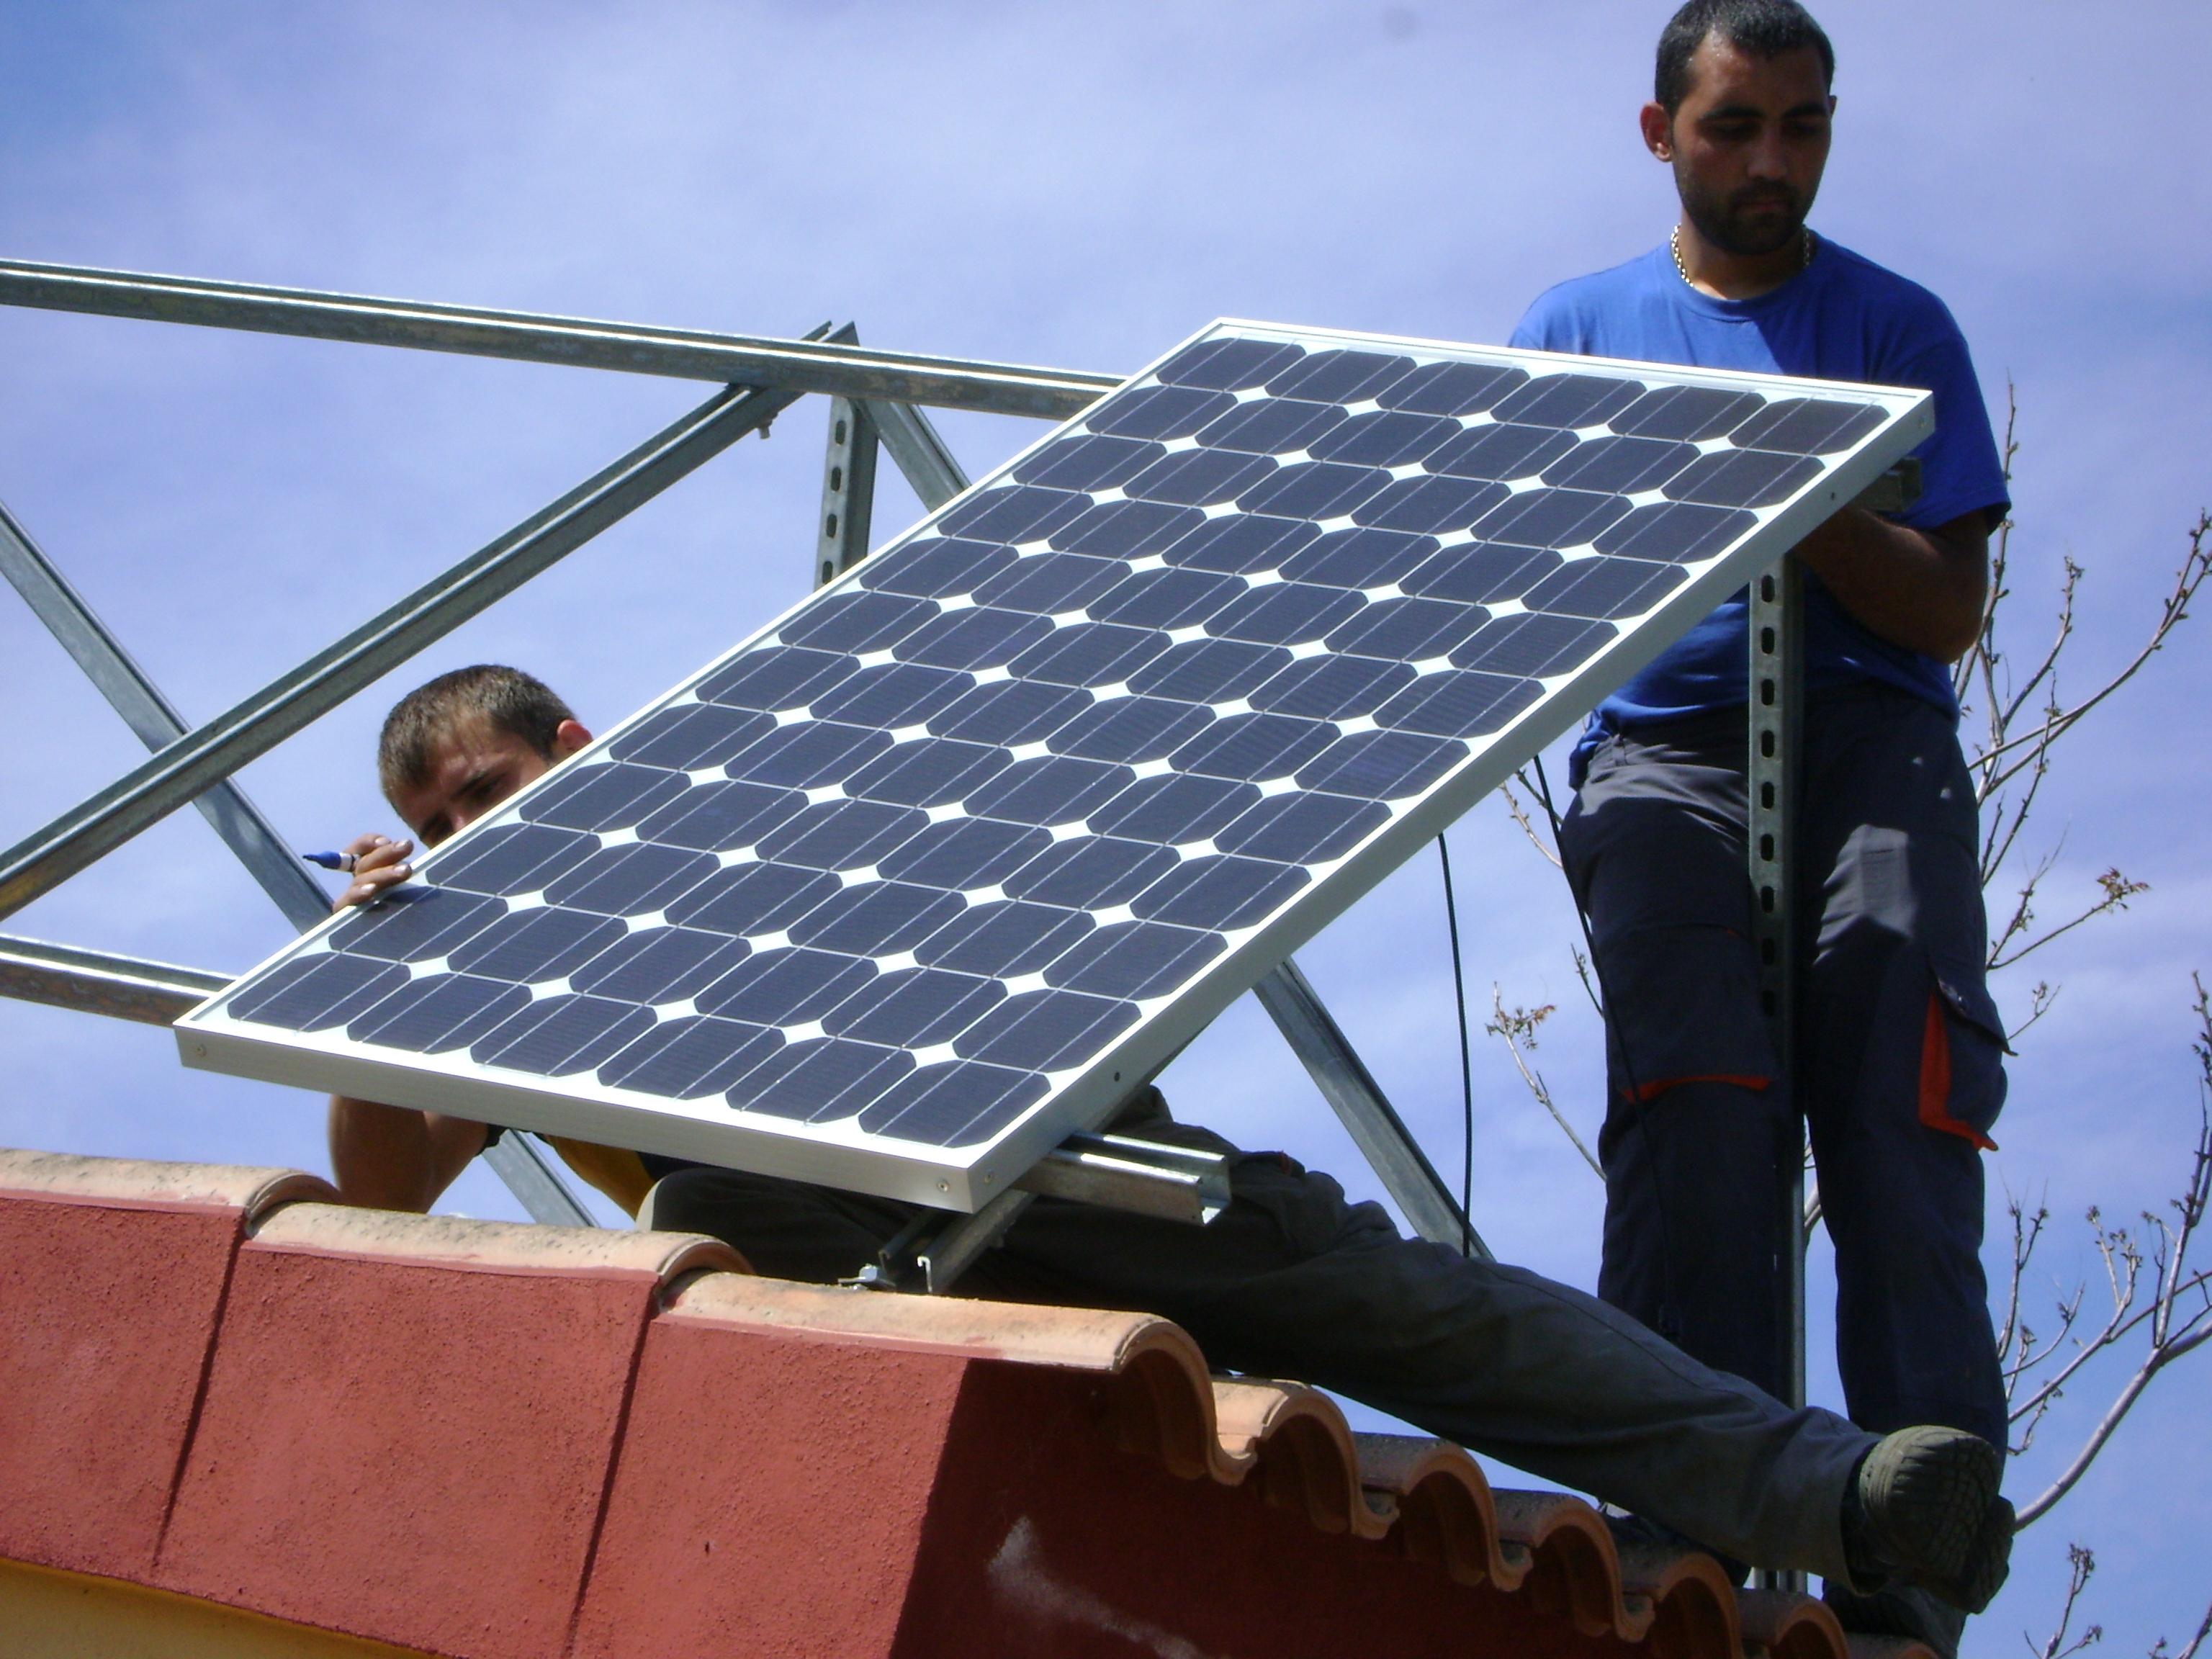 Instalar placas solares en casa grupoyuste - Instalar placas solares en casa ...